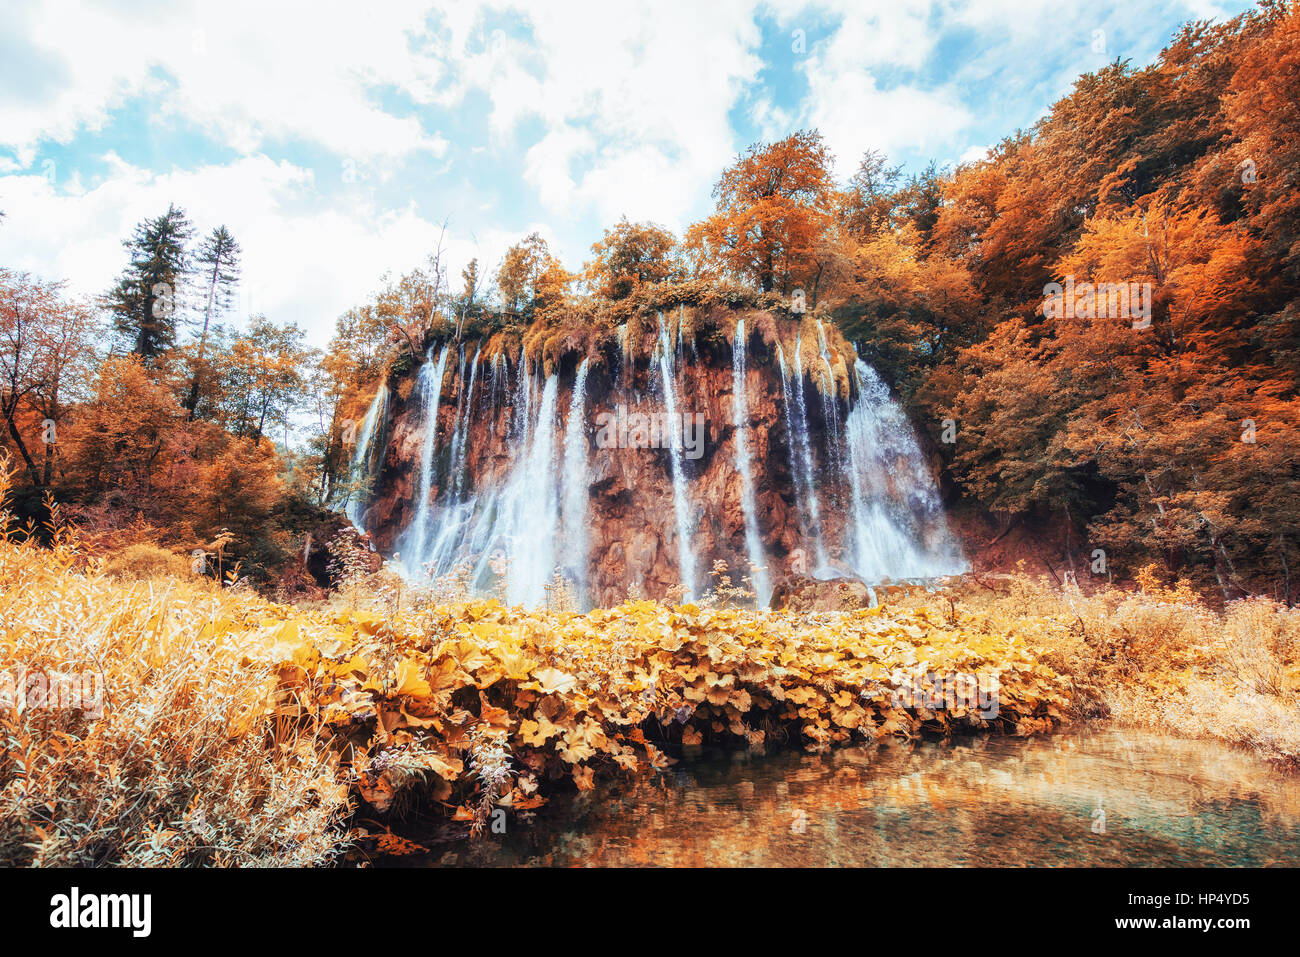 Fantastiche vedute delle cascate e acque turchesi una luce solare Immagini Stock